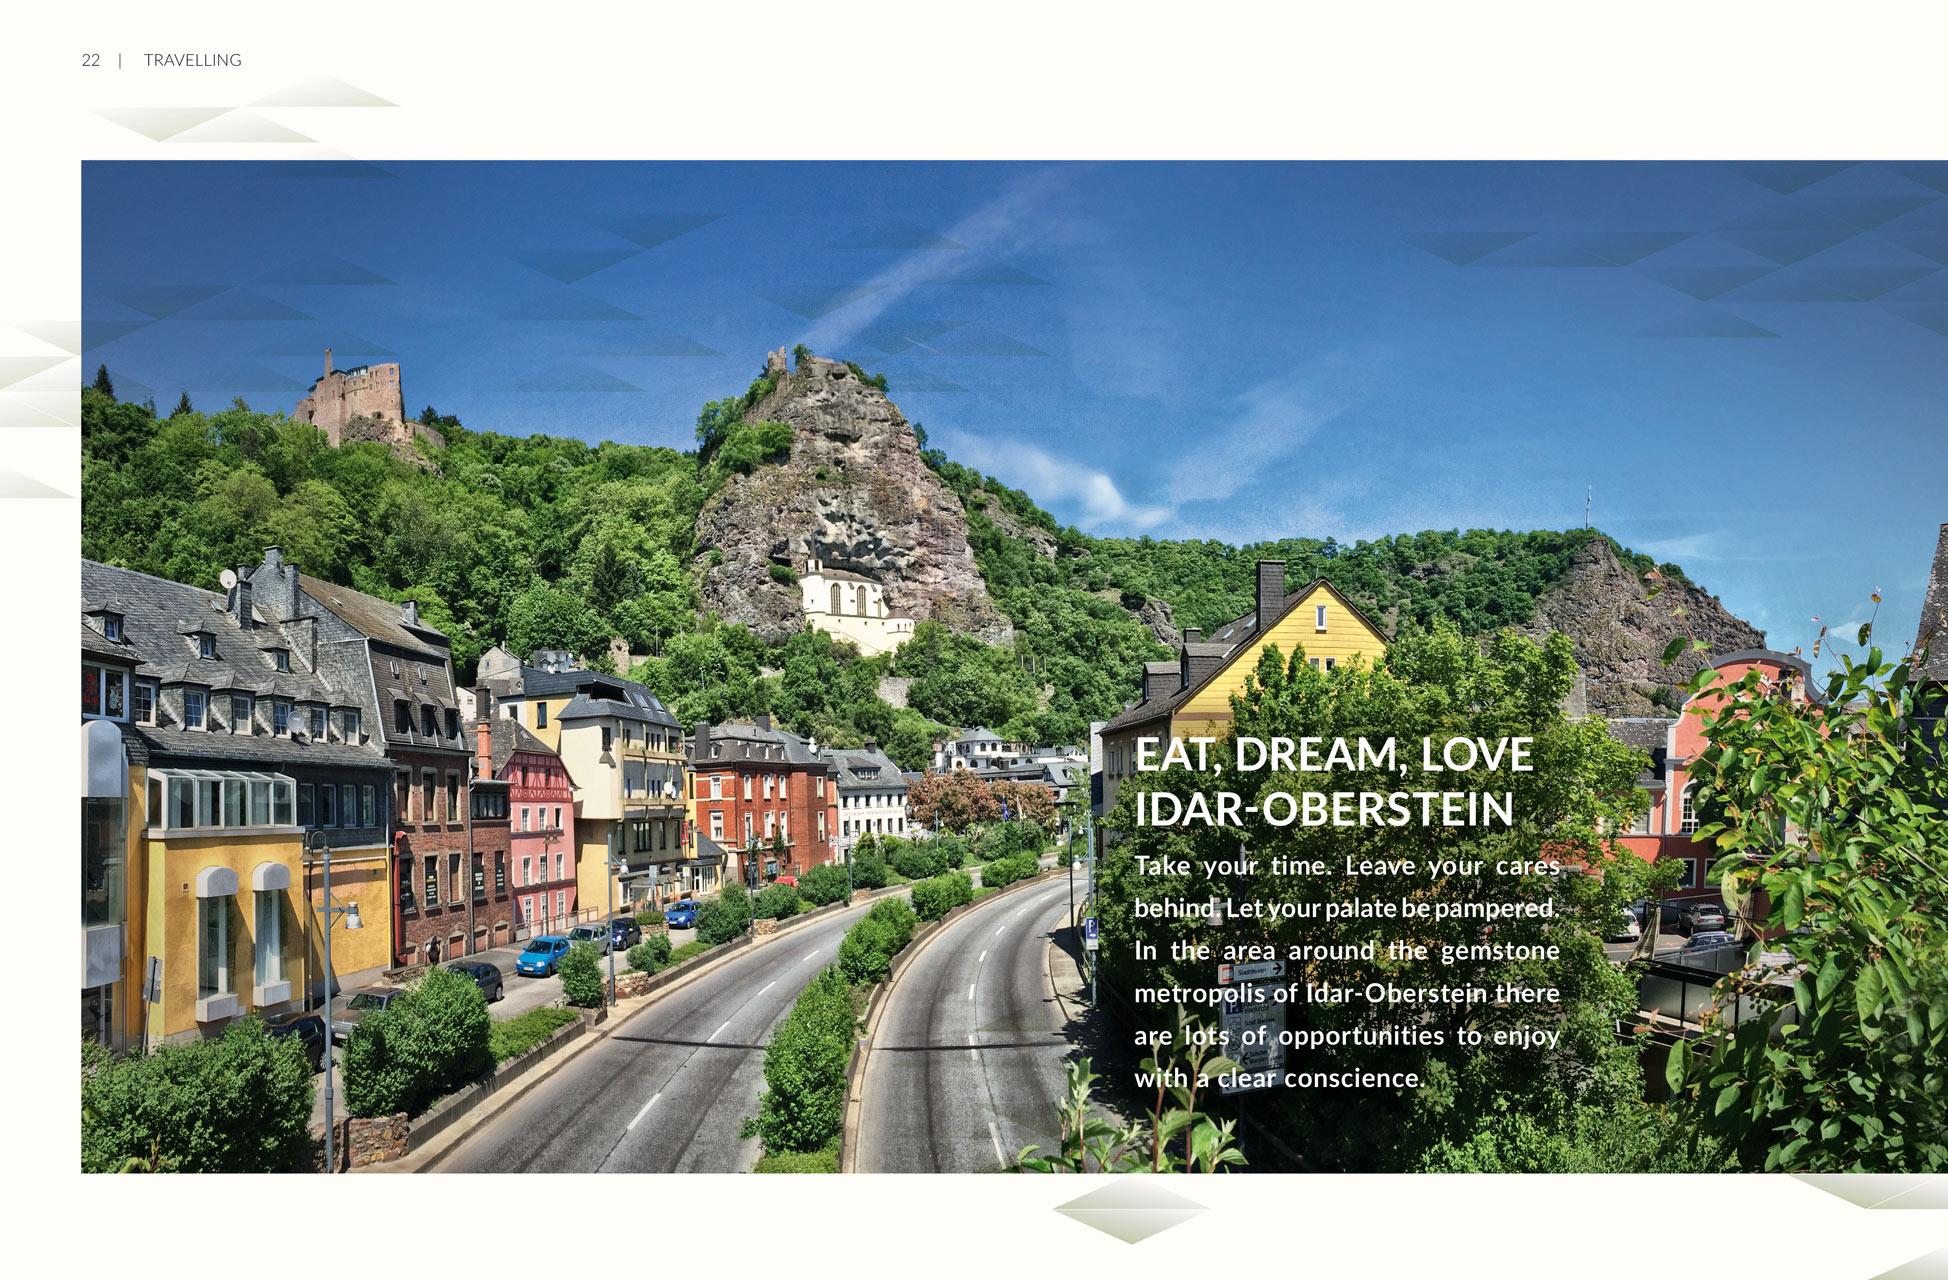 Constantin-Wild-gem-Journal-The-Green-Edition-Traveling-Idar-Oberstein-ONLINE-rgb